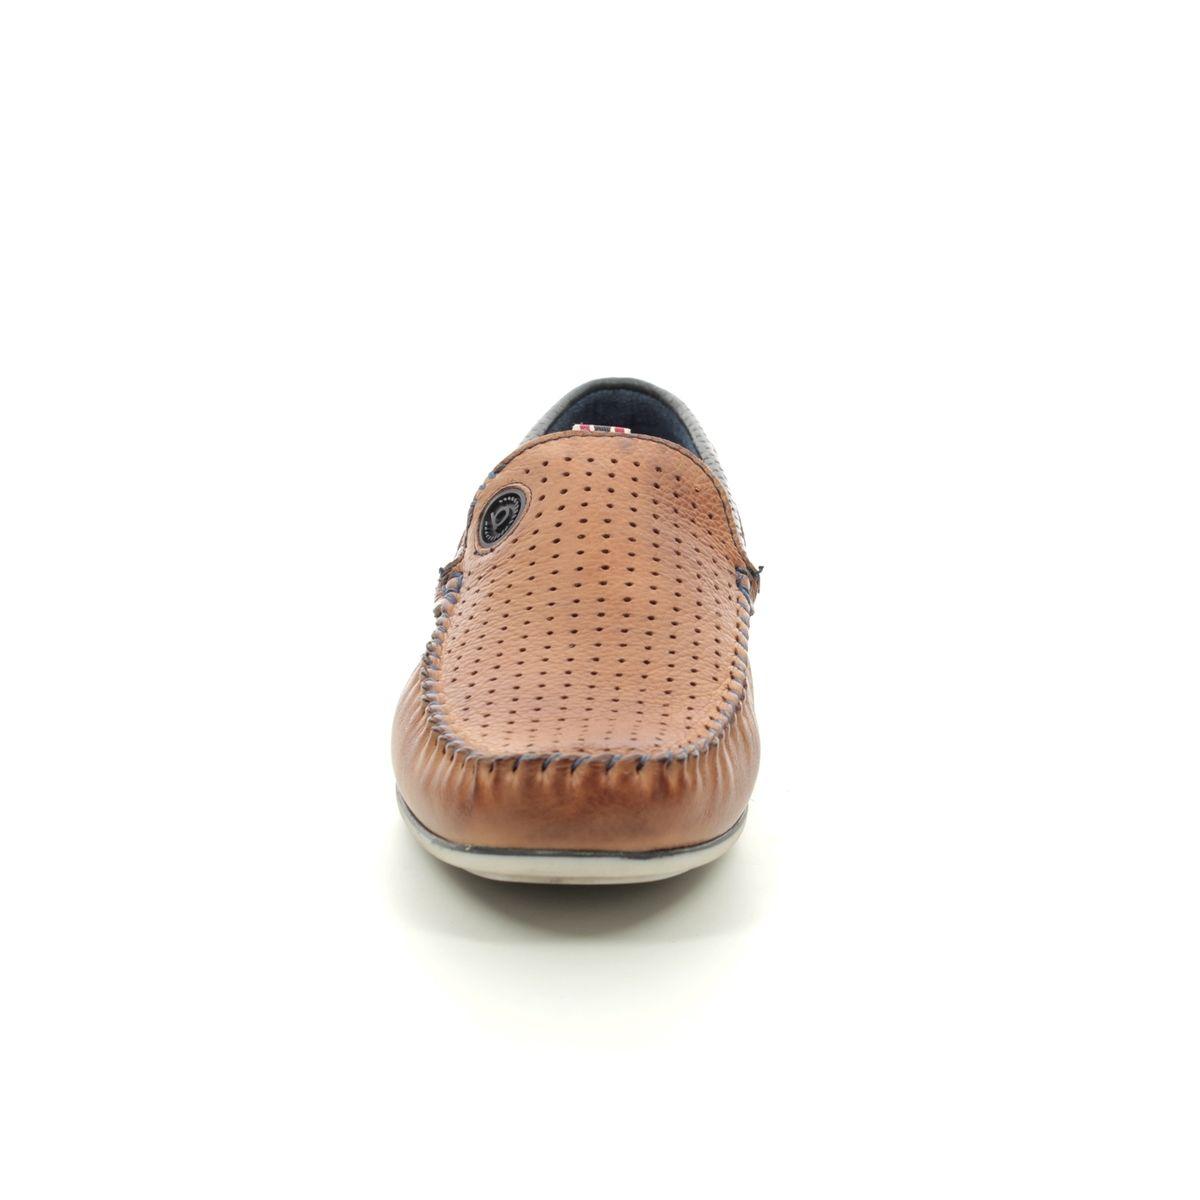 39544fd1b90 Bugatti Loafers - Tan Leather - 32170466 6340 CHEROKEE